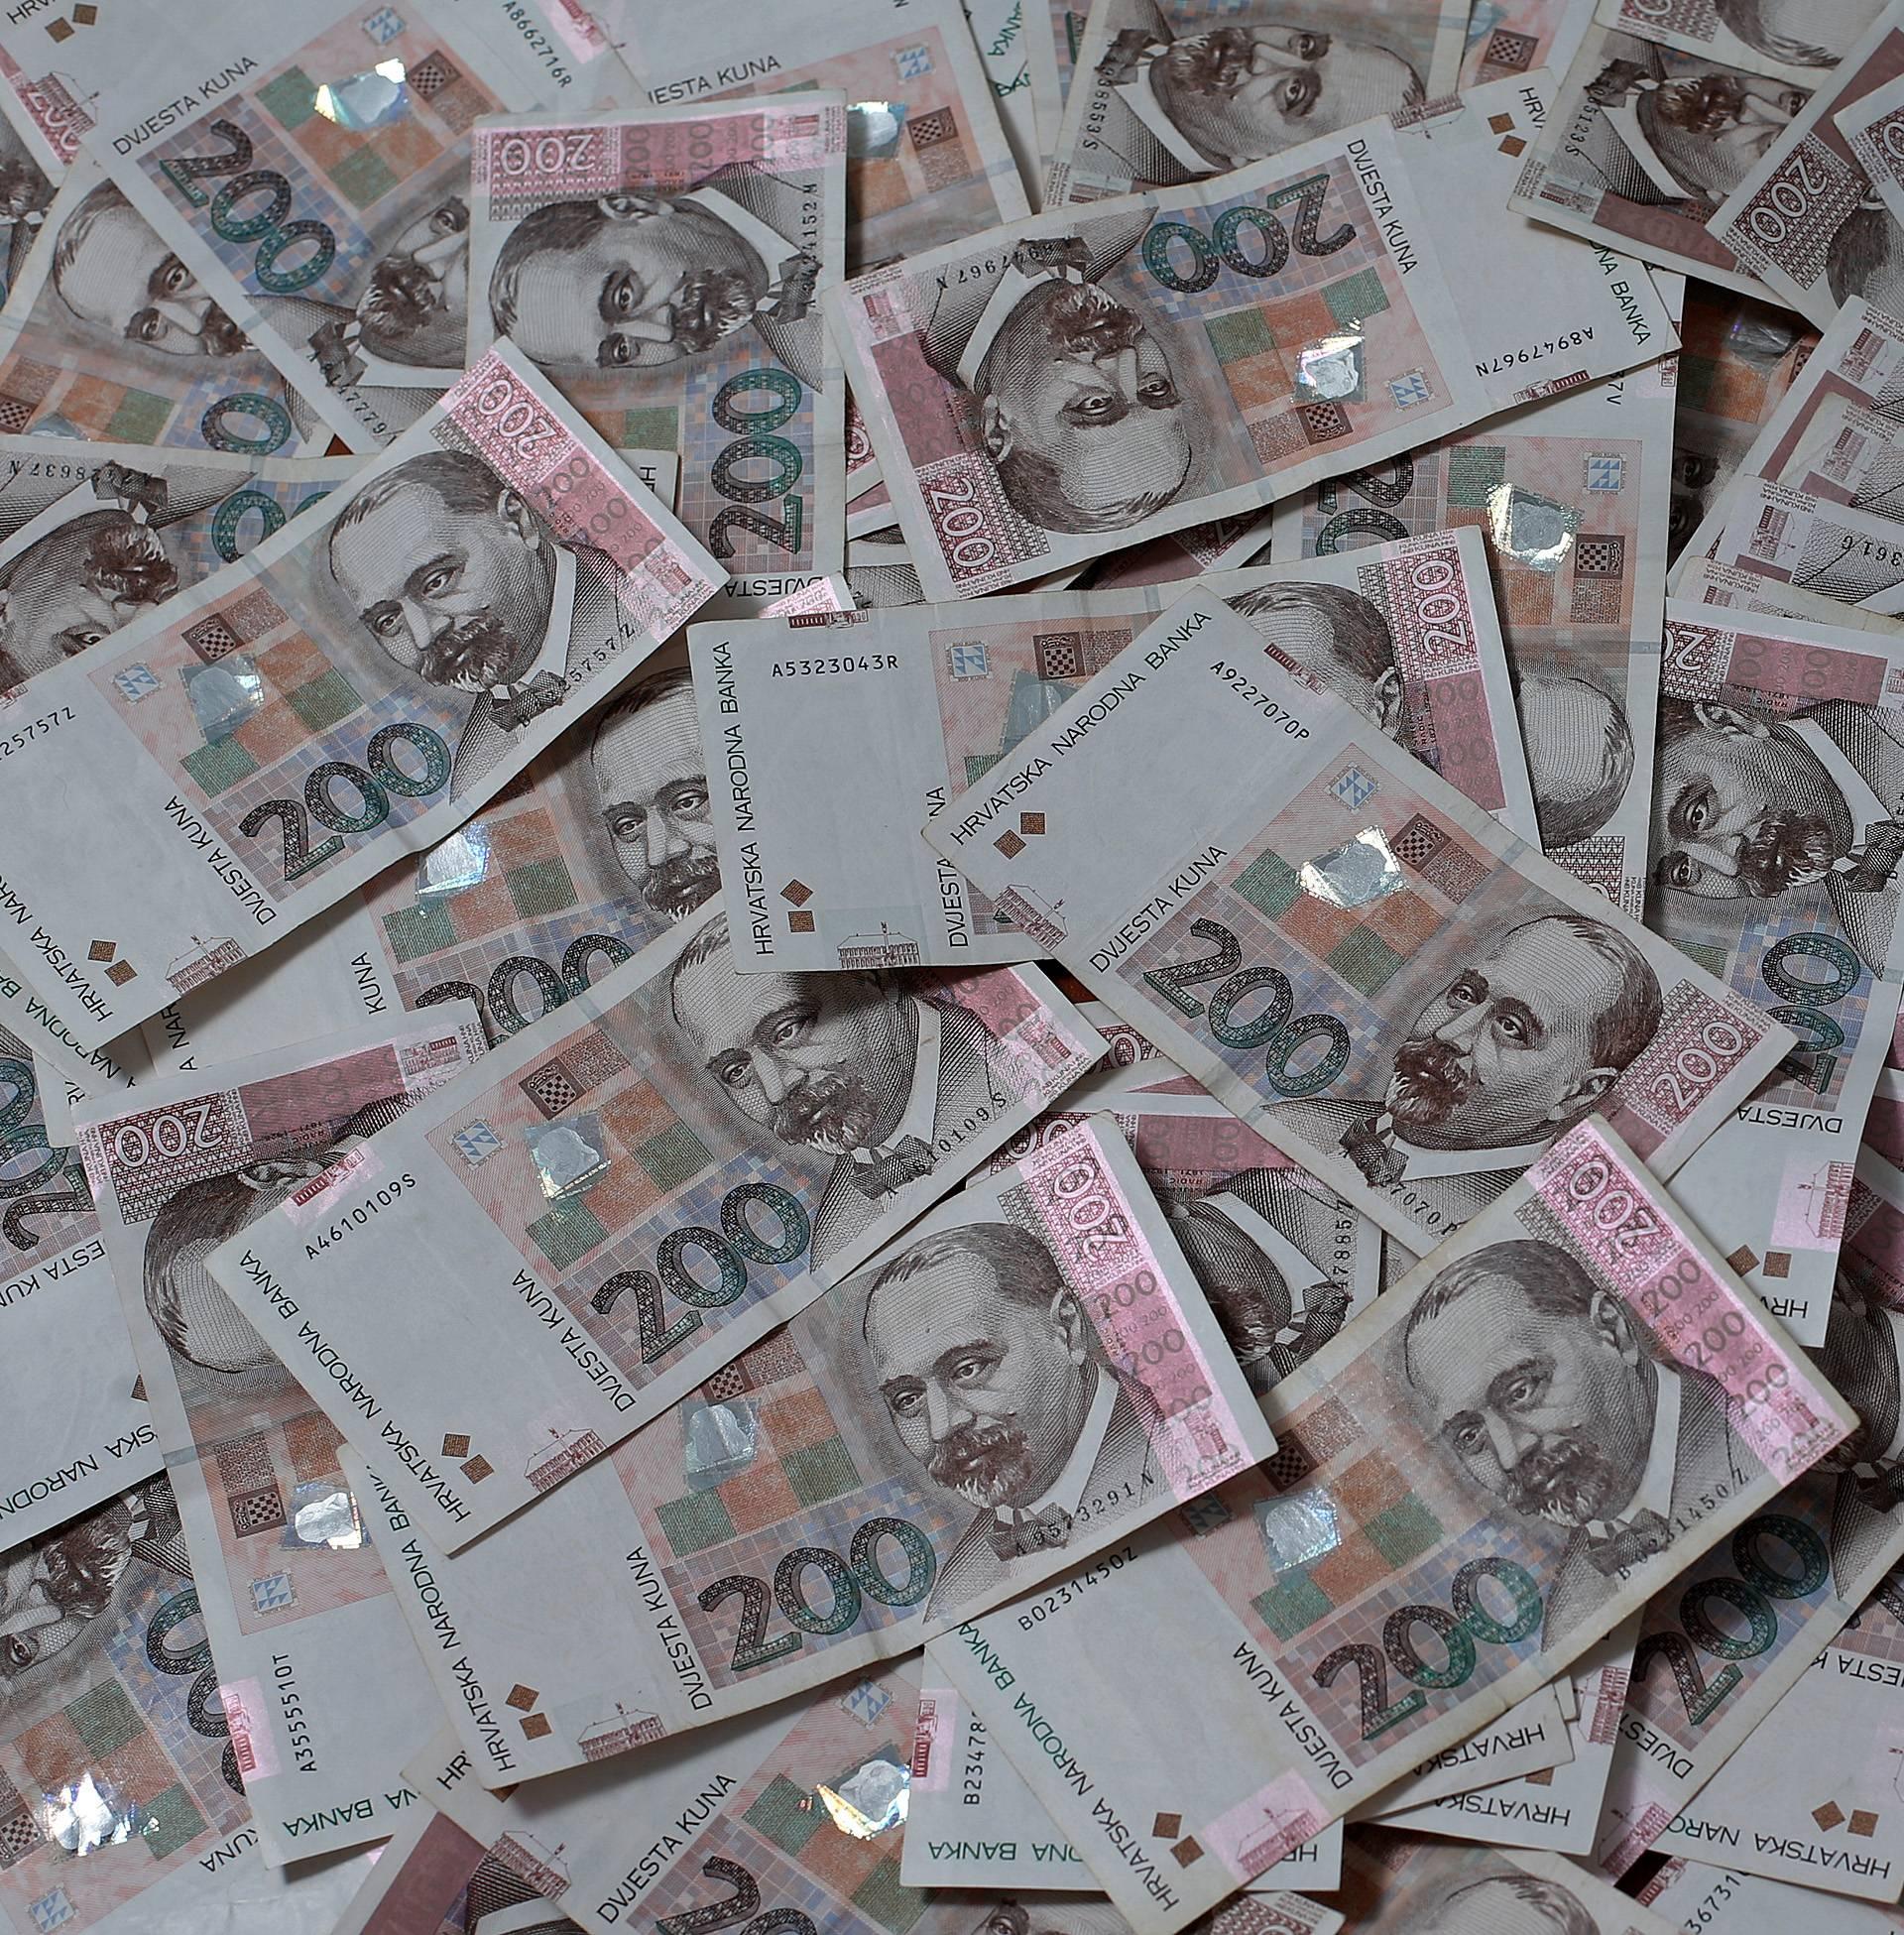 Još jedna presuda za švicarac: Dužnik će dobiti 190.000 kuna